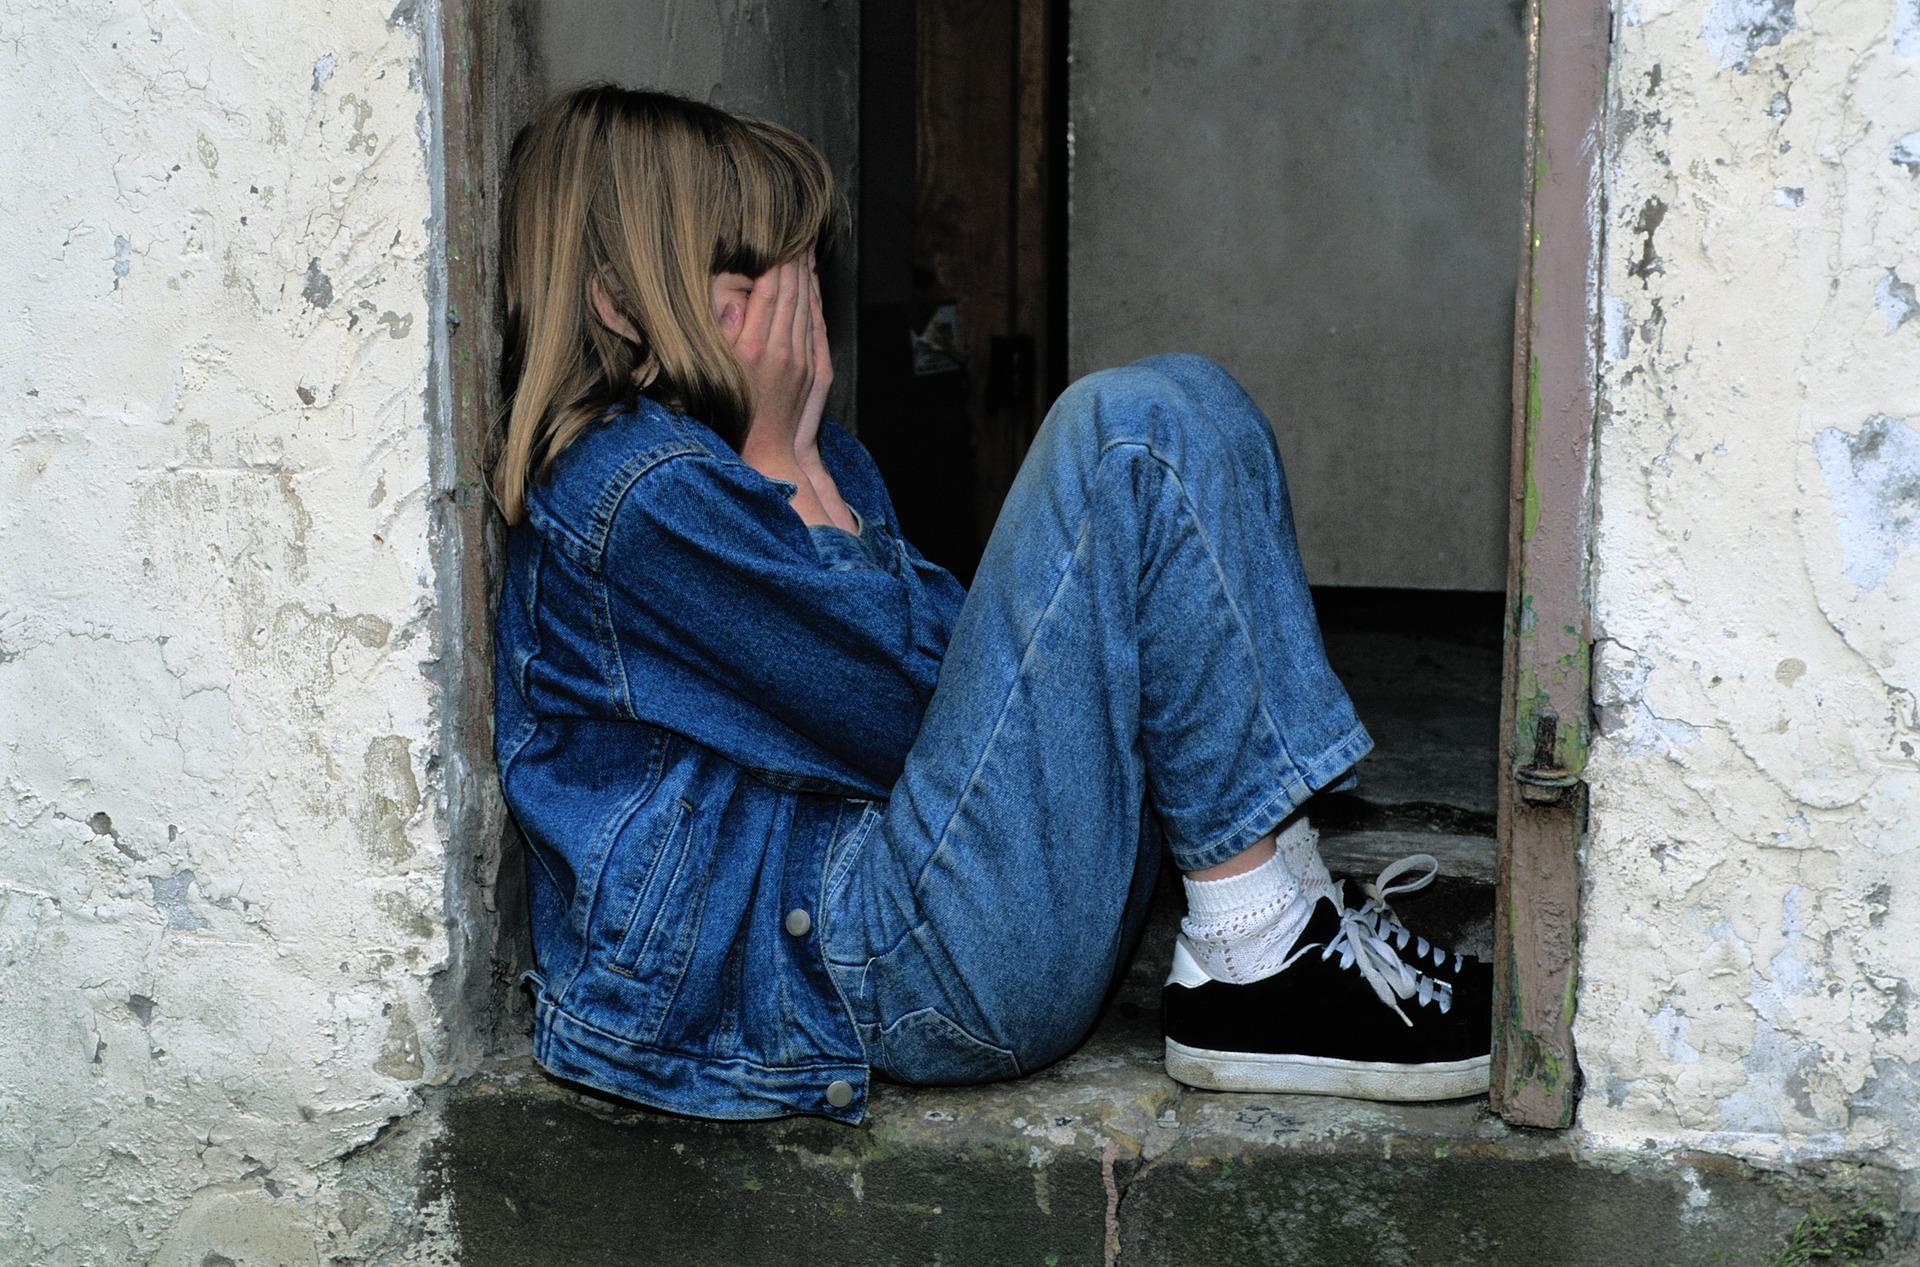 Wspólnym celem rodziców biologicznych i zastępczych jest doprowadzenie do sytuacji, w której dziecko może bezpiecznie wrócić do domu (fot. pixabay.com)